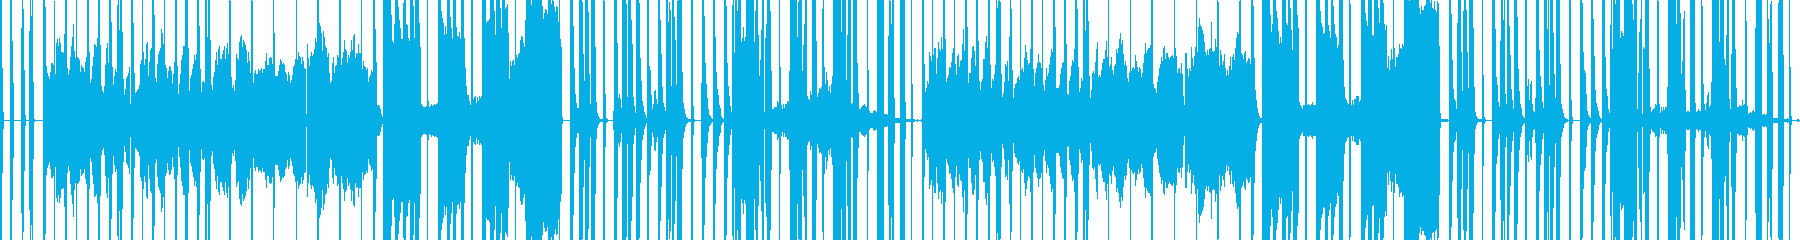 lofi/FutureBass/Trapの再生済みの波形